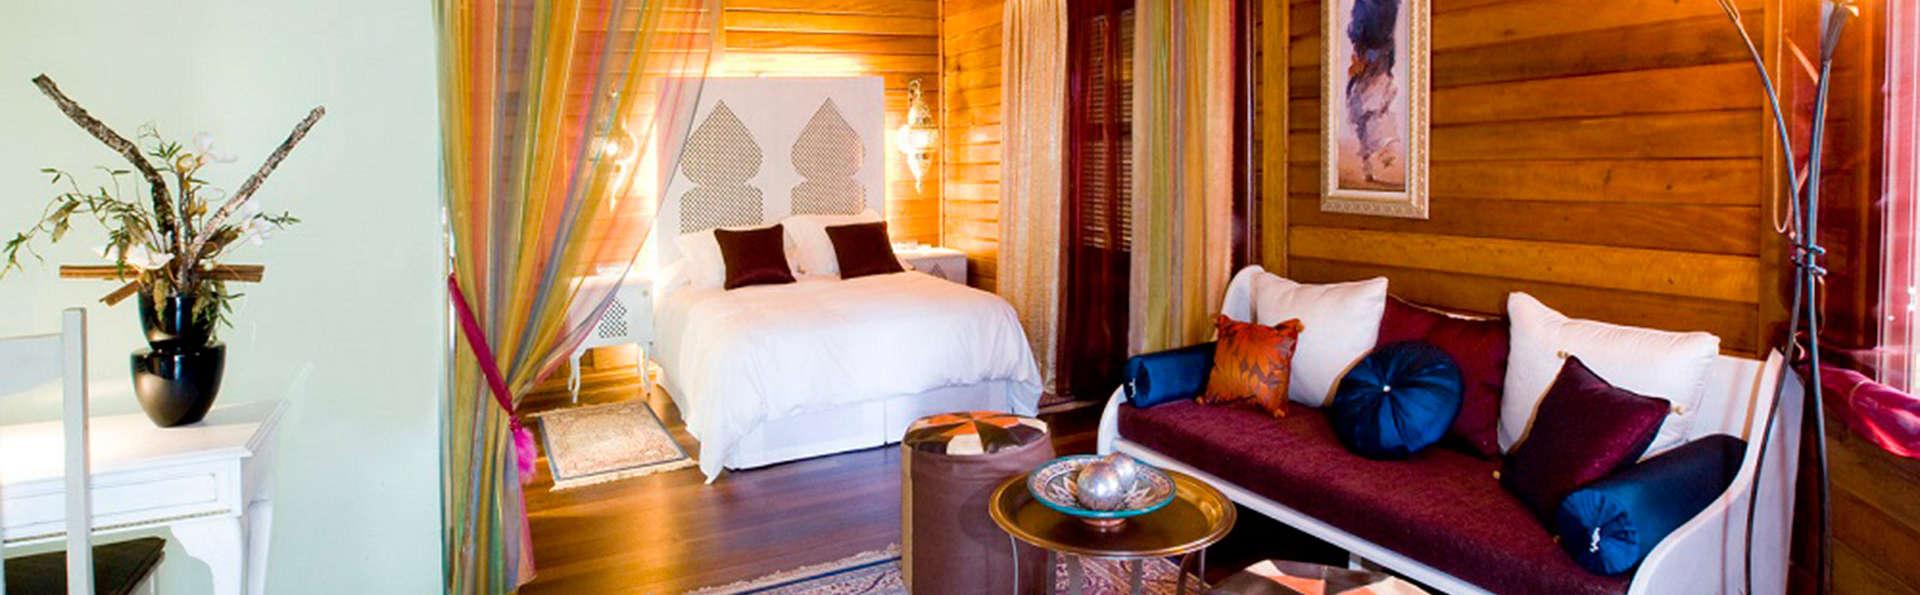 Escapada romántica en bungalow temático cerca de Madrid